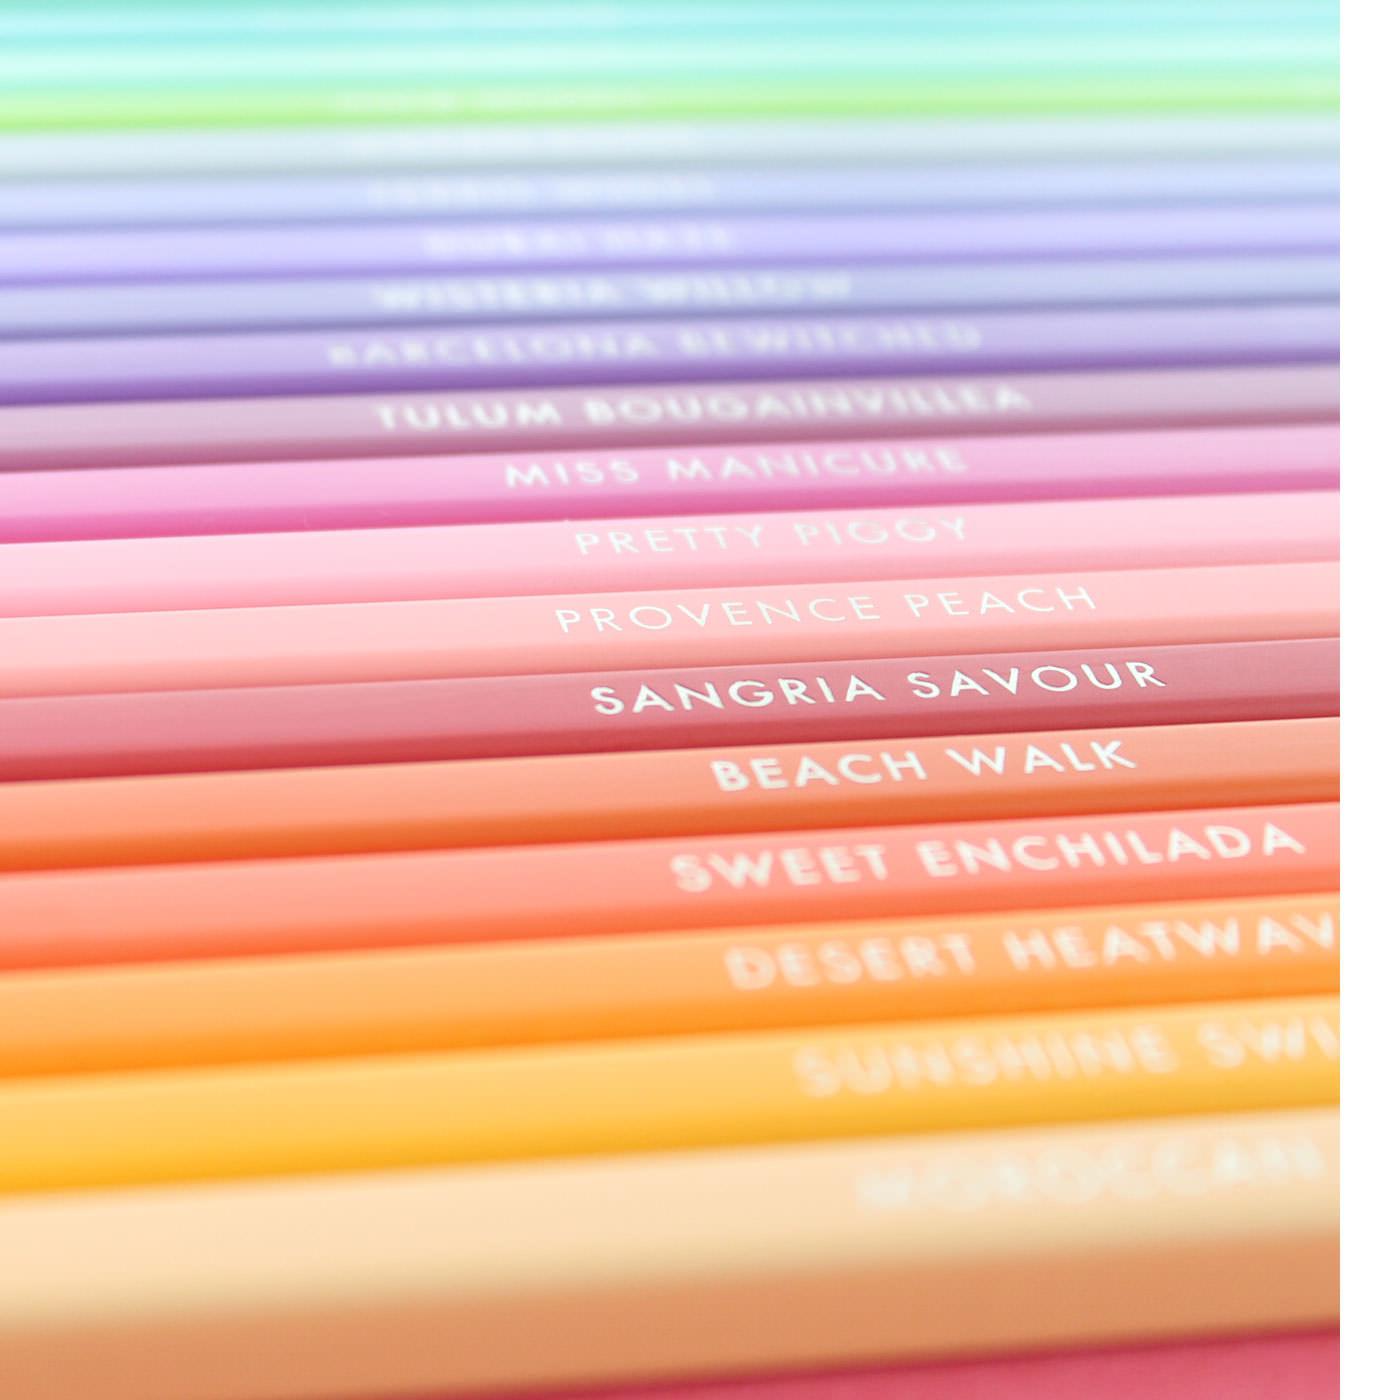 毎月届く20色は、ひとつのテーマをもとに500色の中からセレクト。25ヵ月で完成します。例えば「FUN」「HOME」「TROPICAL」「SPRING」「LOVE」など、テーマに合わせたさまざまな色との出会いを楽しみながら集めていくことができます。